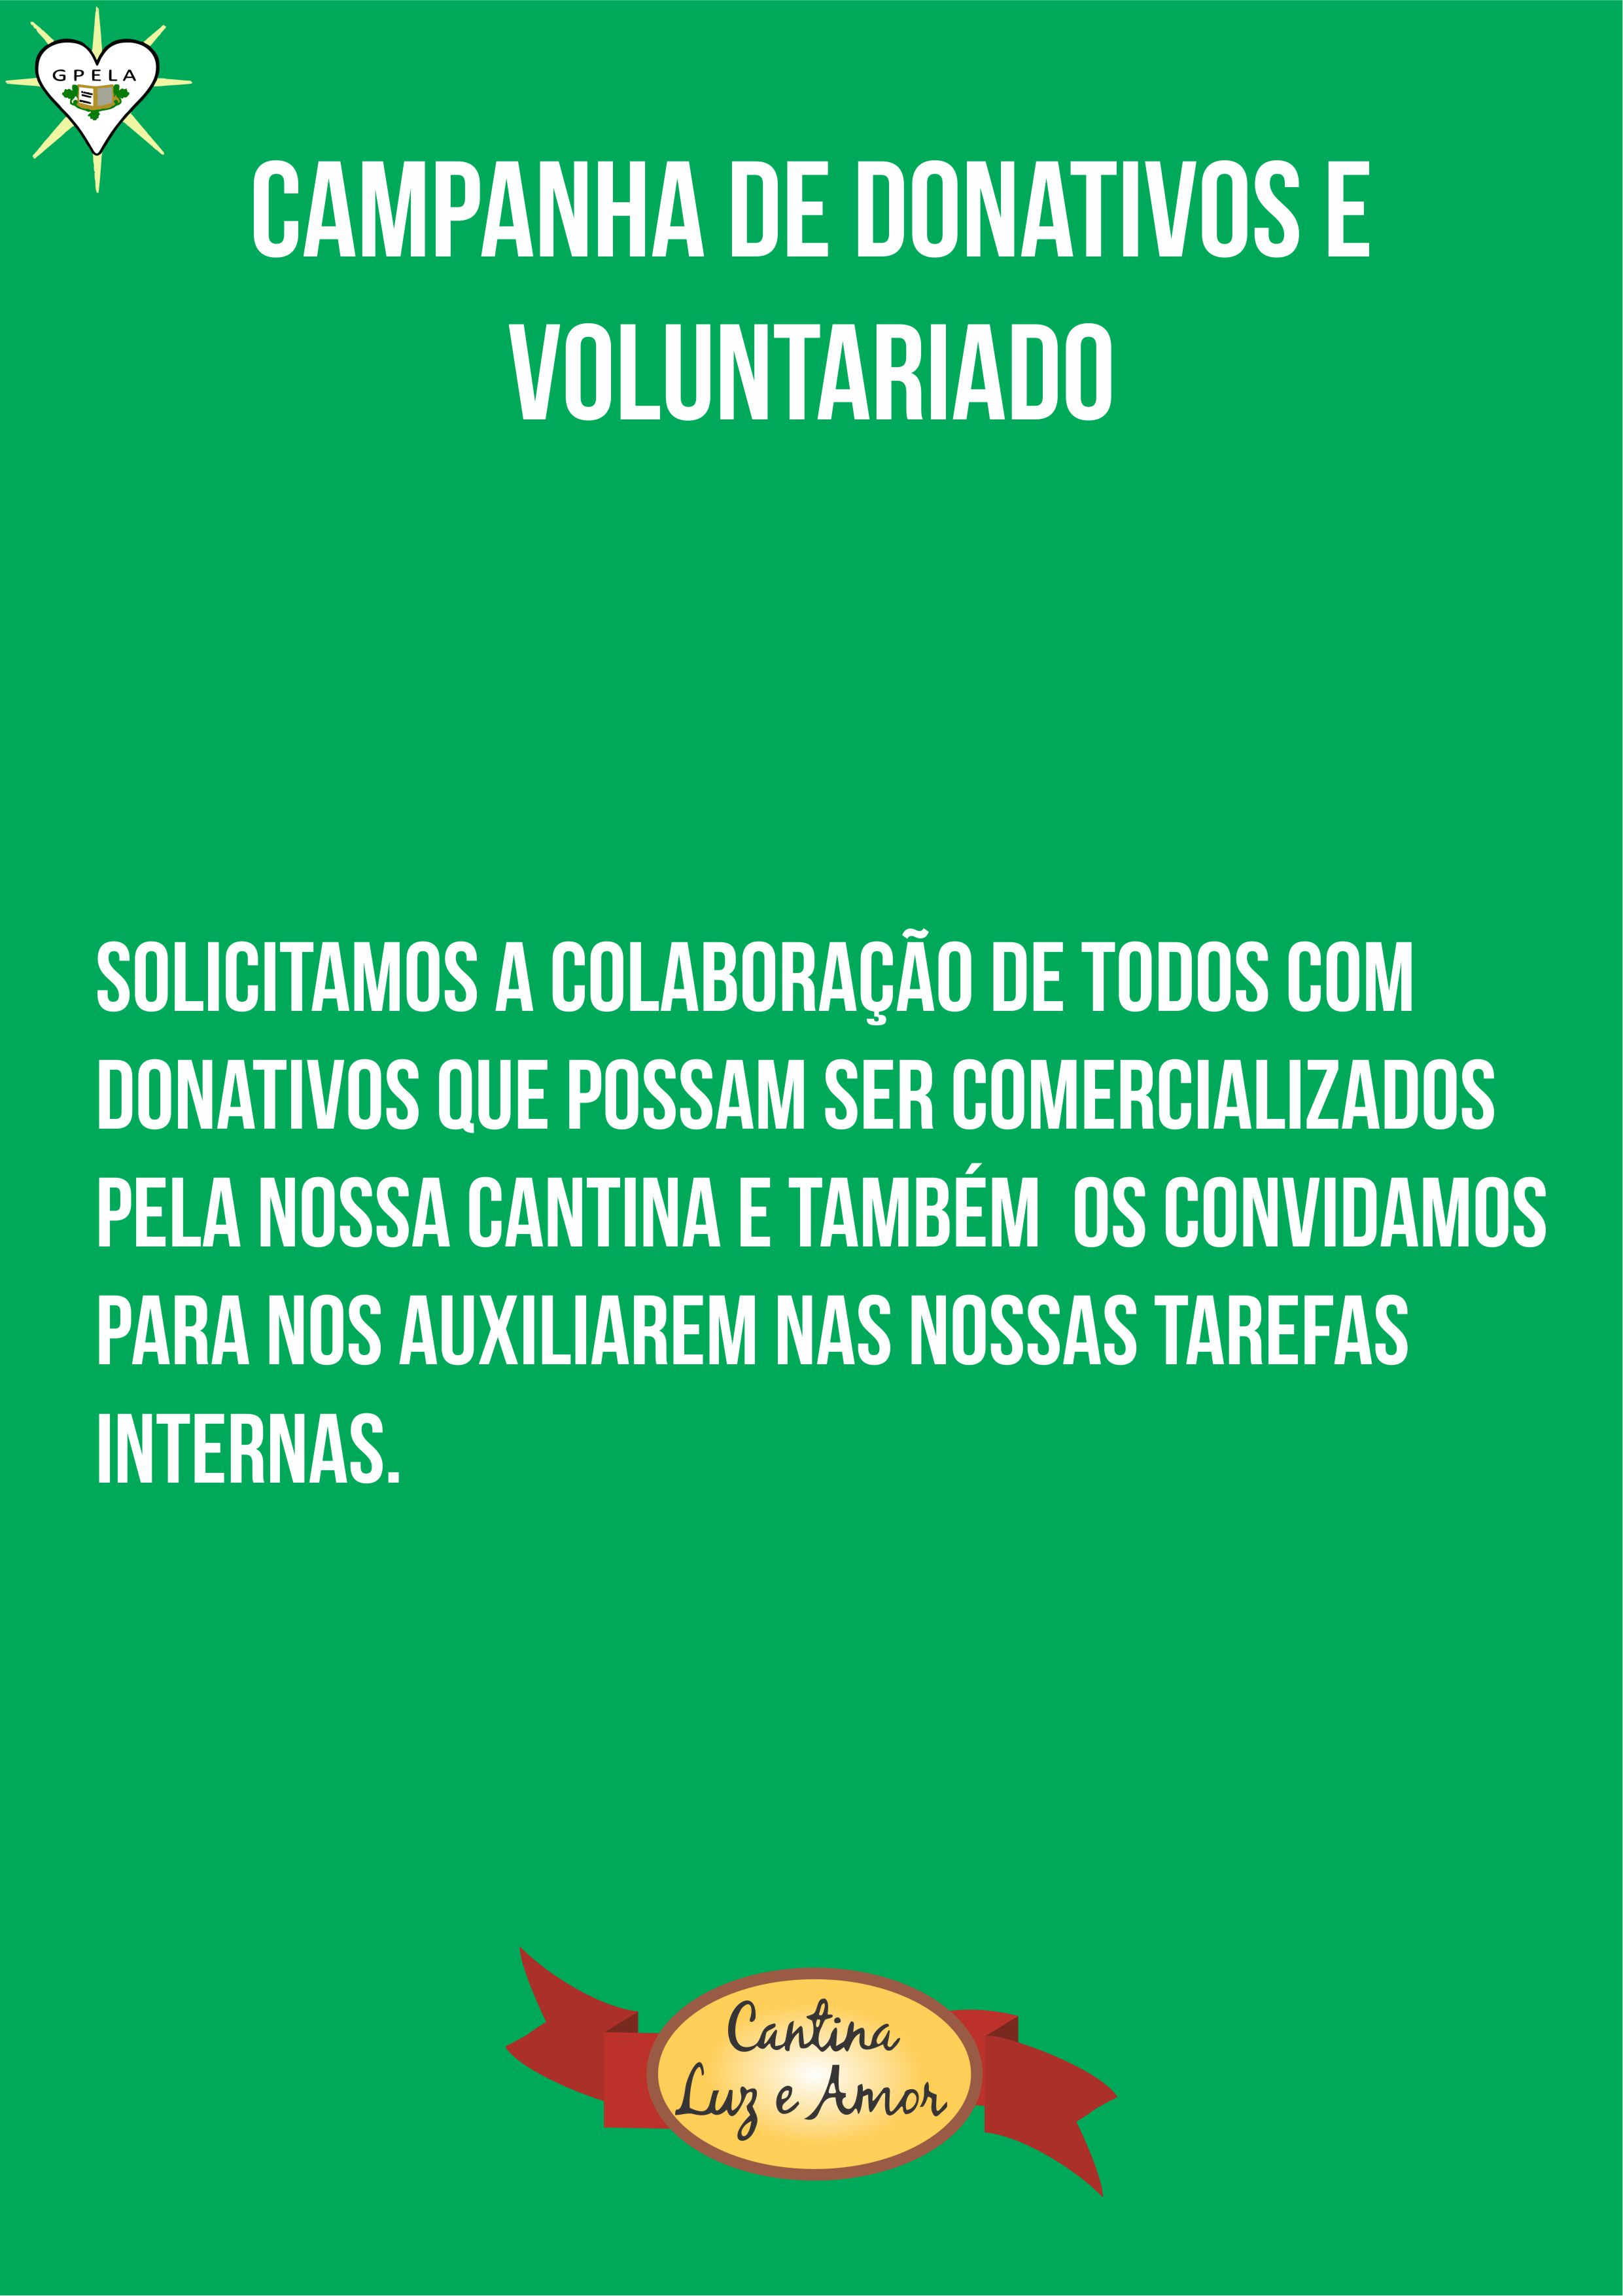 Campanha de donativos e voluntários para Cantina.